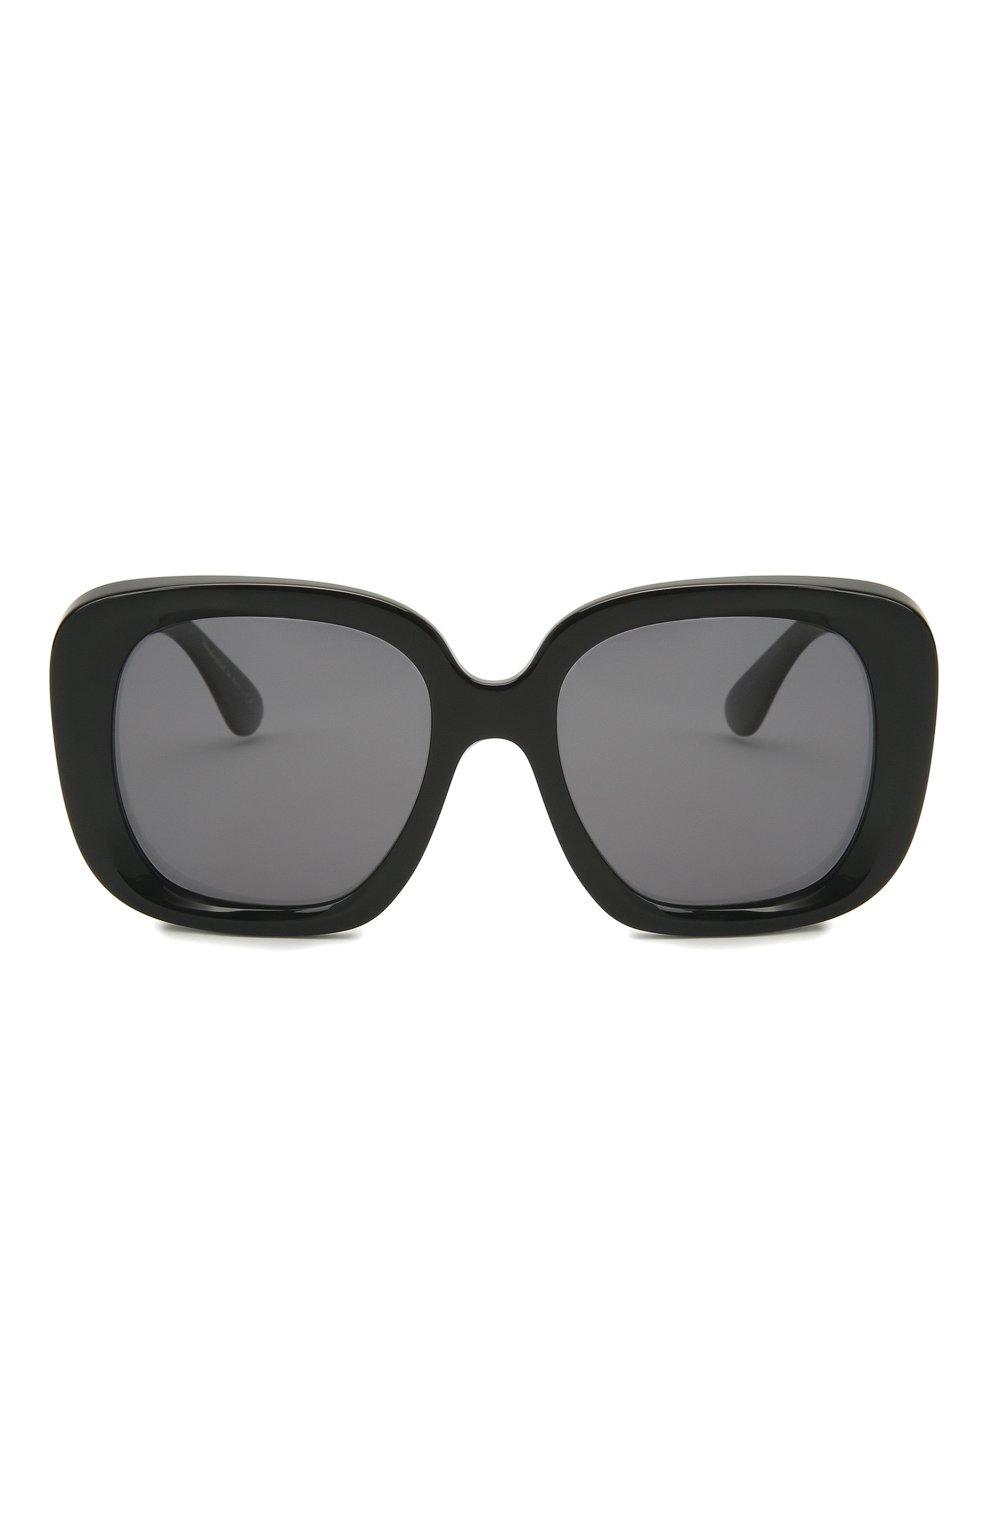 Женские солнцезащитные очки OLIVER PEOPLES черного цвета, арт. 5428SU-100581 | Фото 3